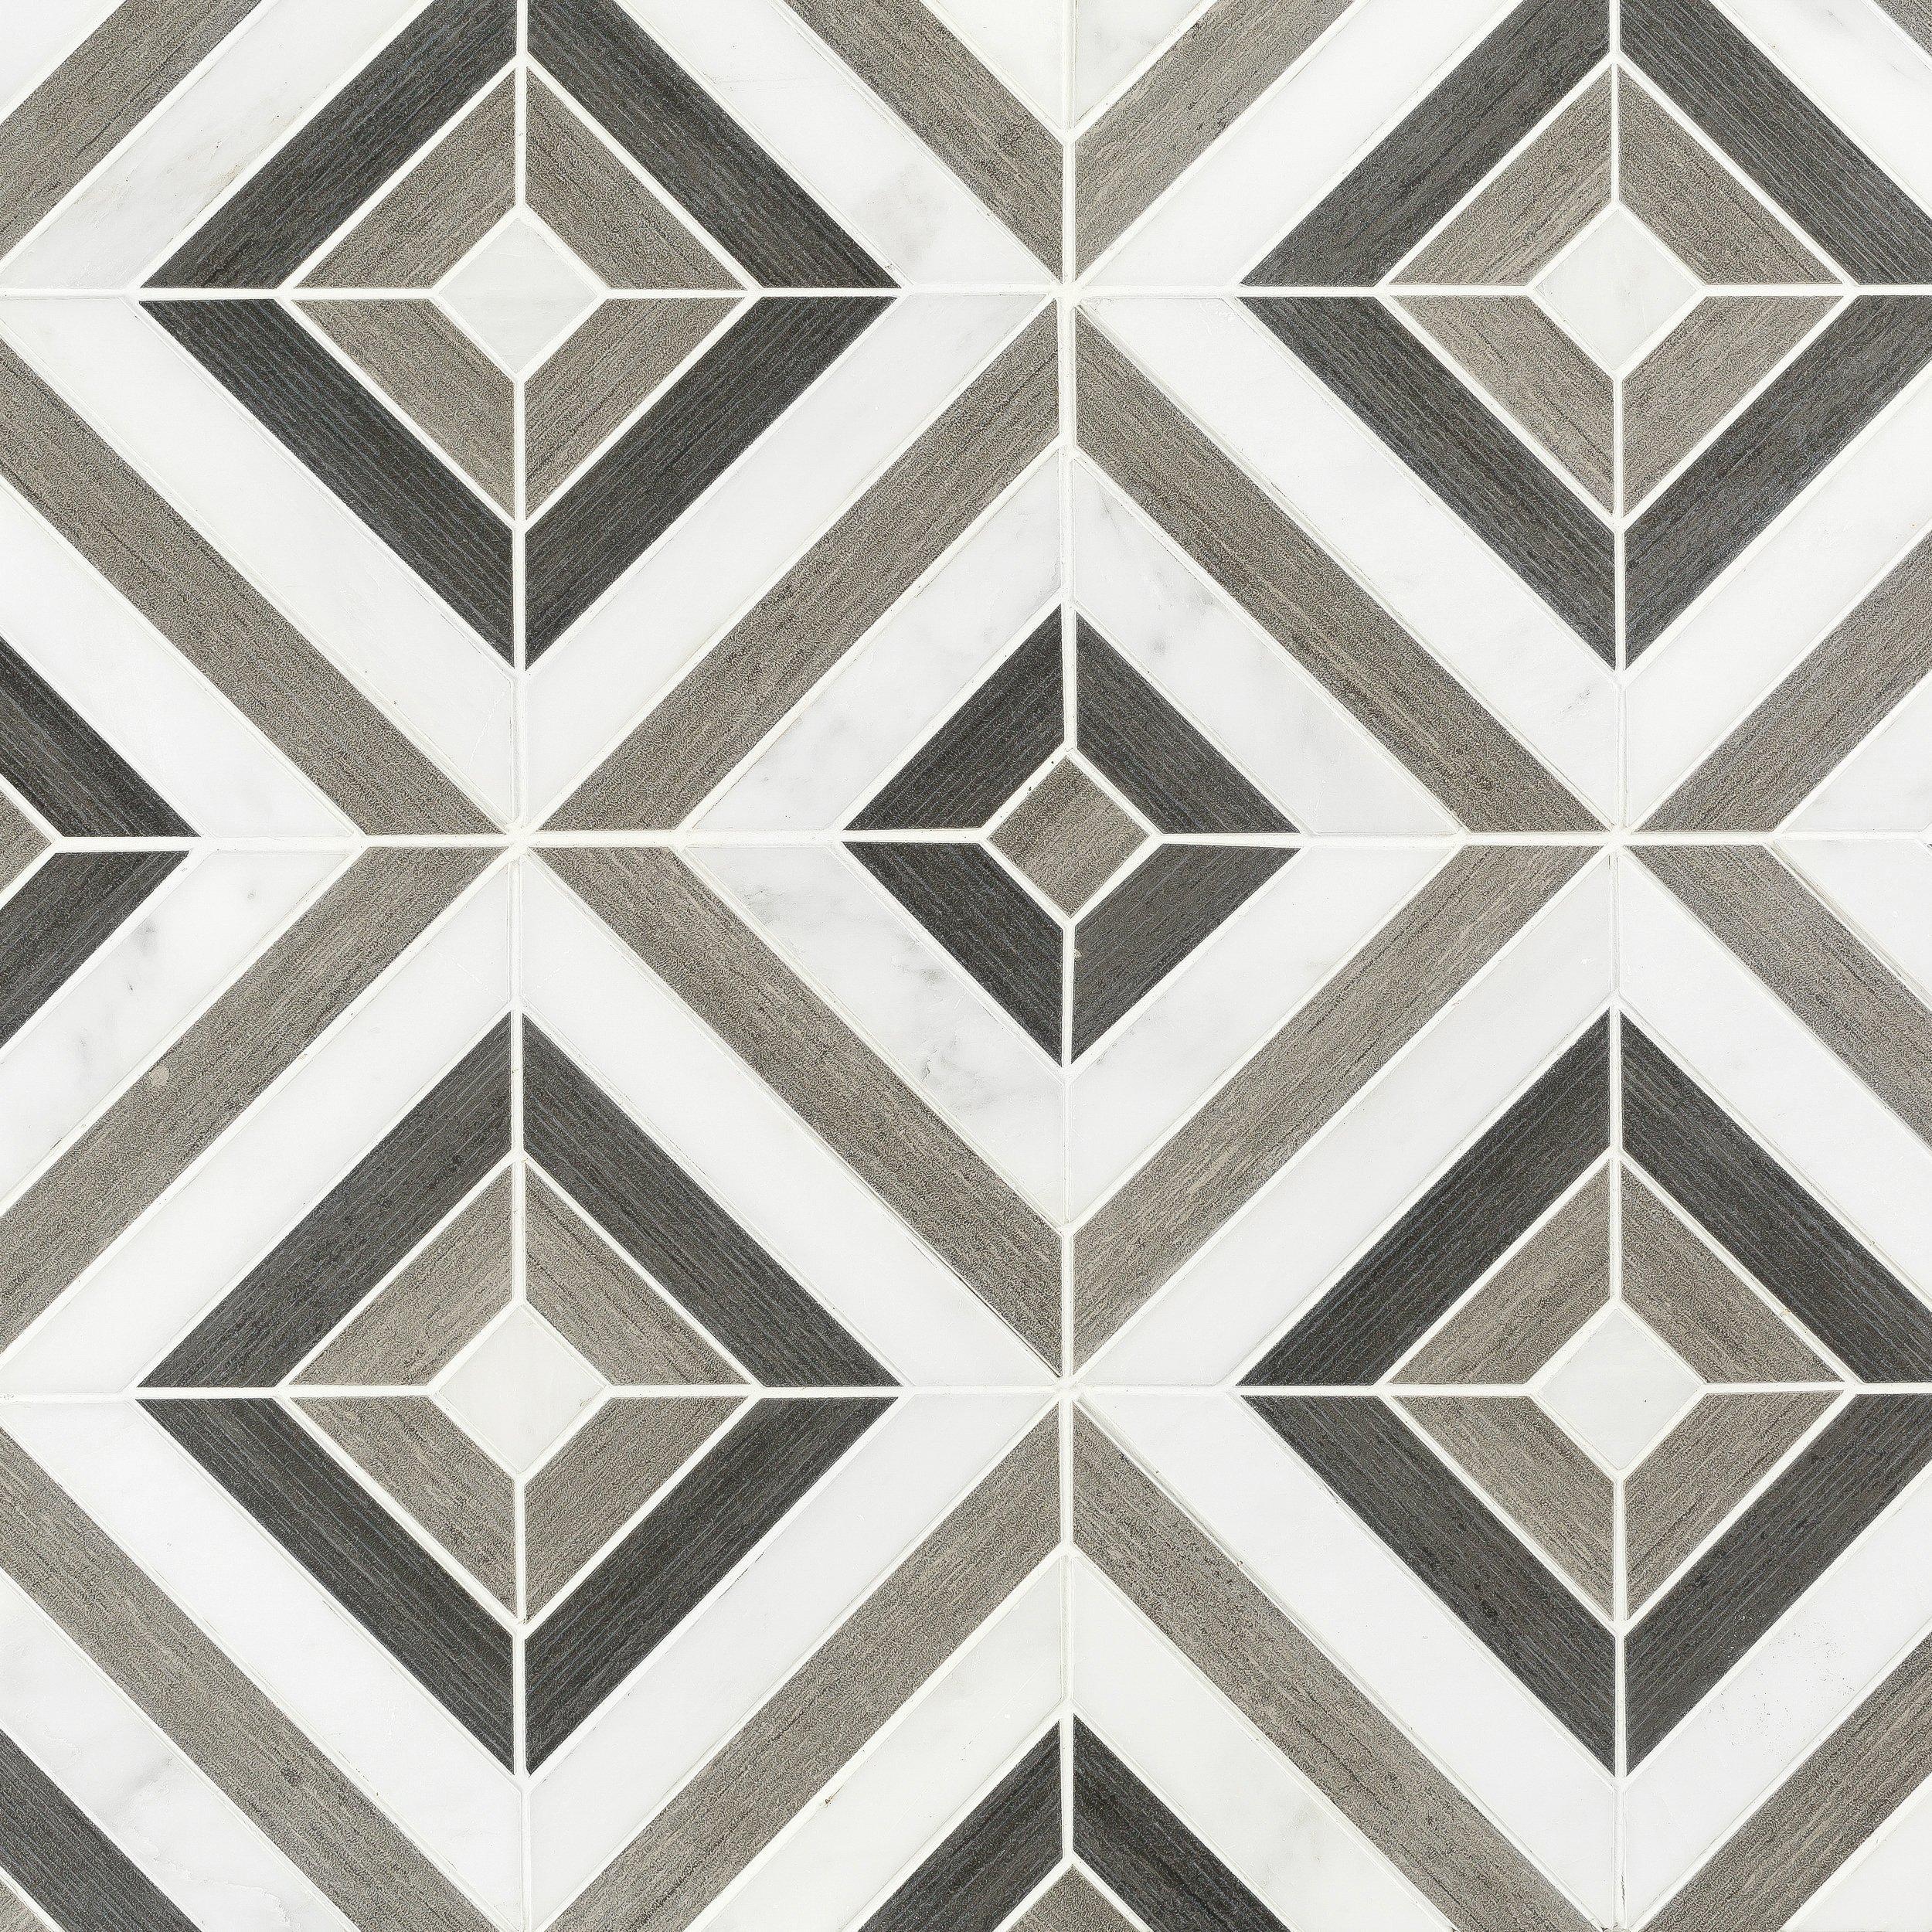 Prismatic Carrara Blend Marble Mosaic  12 x 12